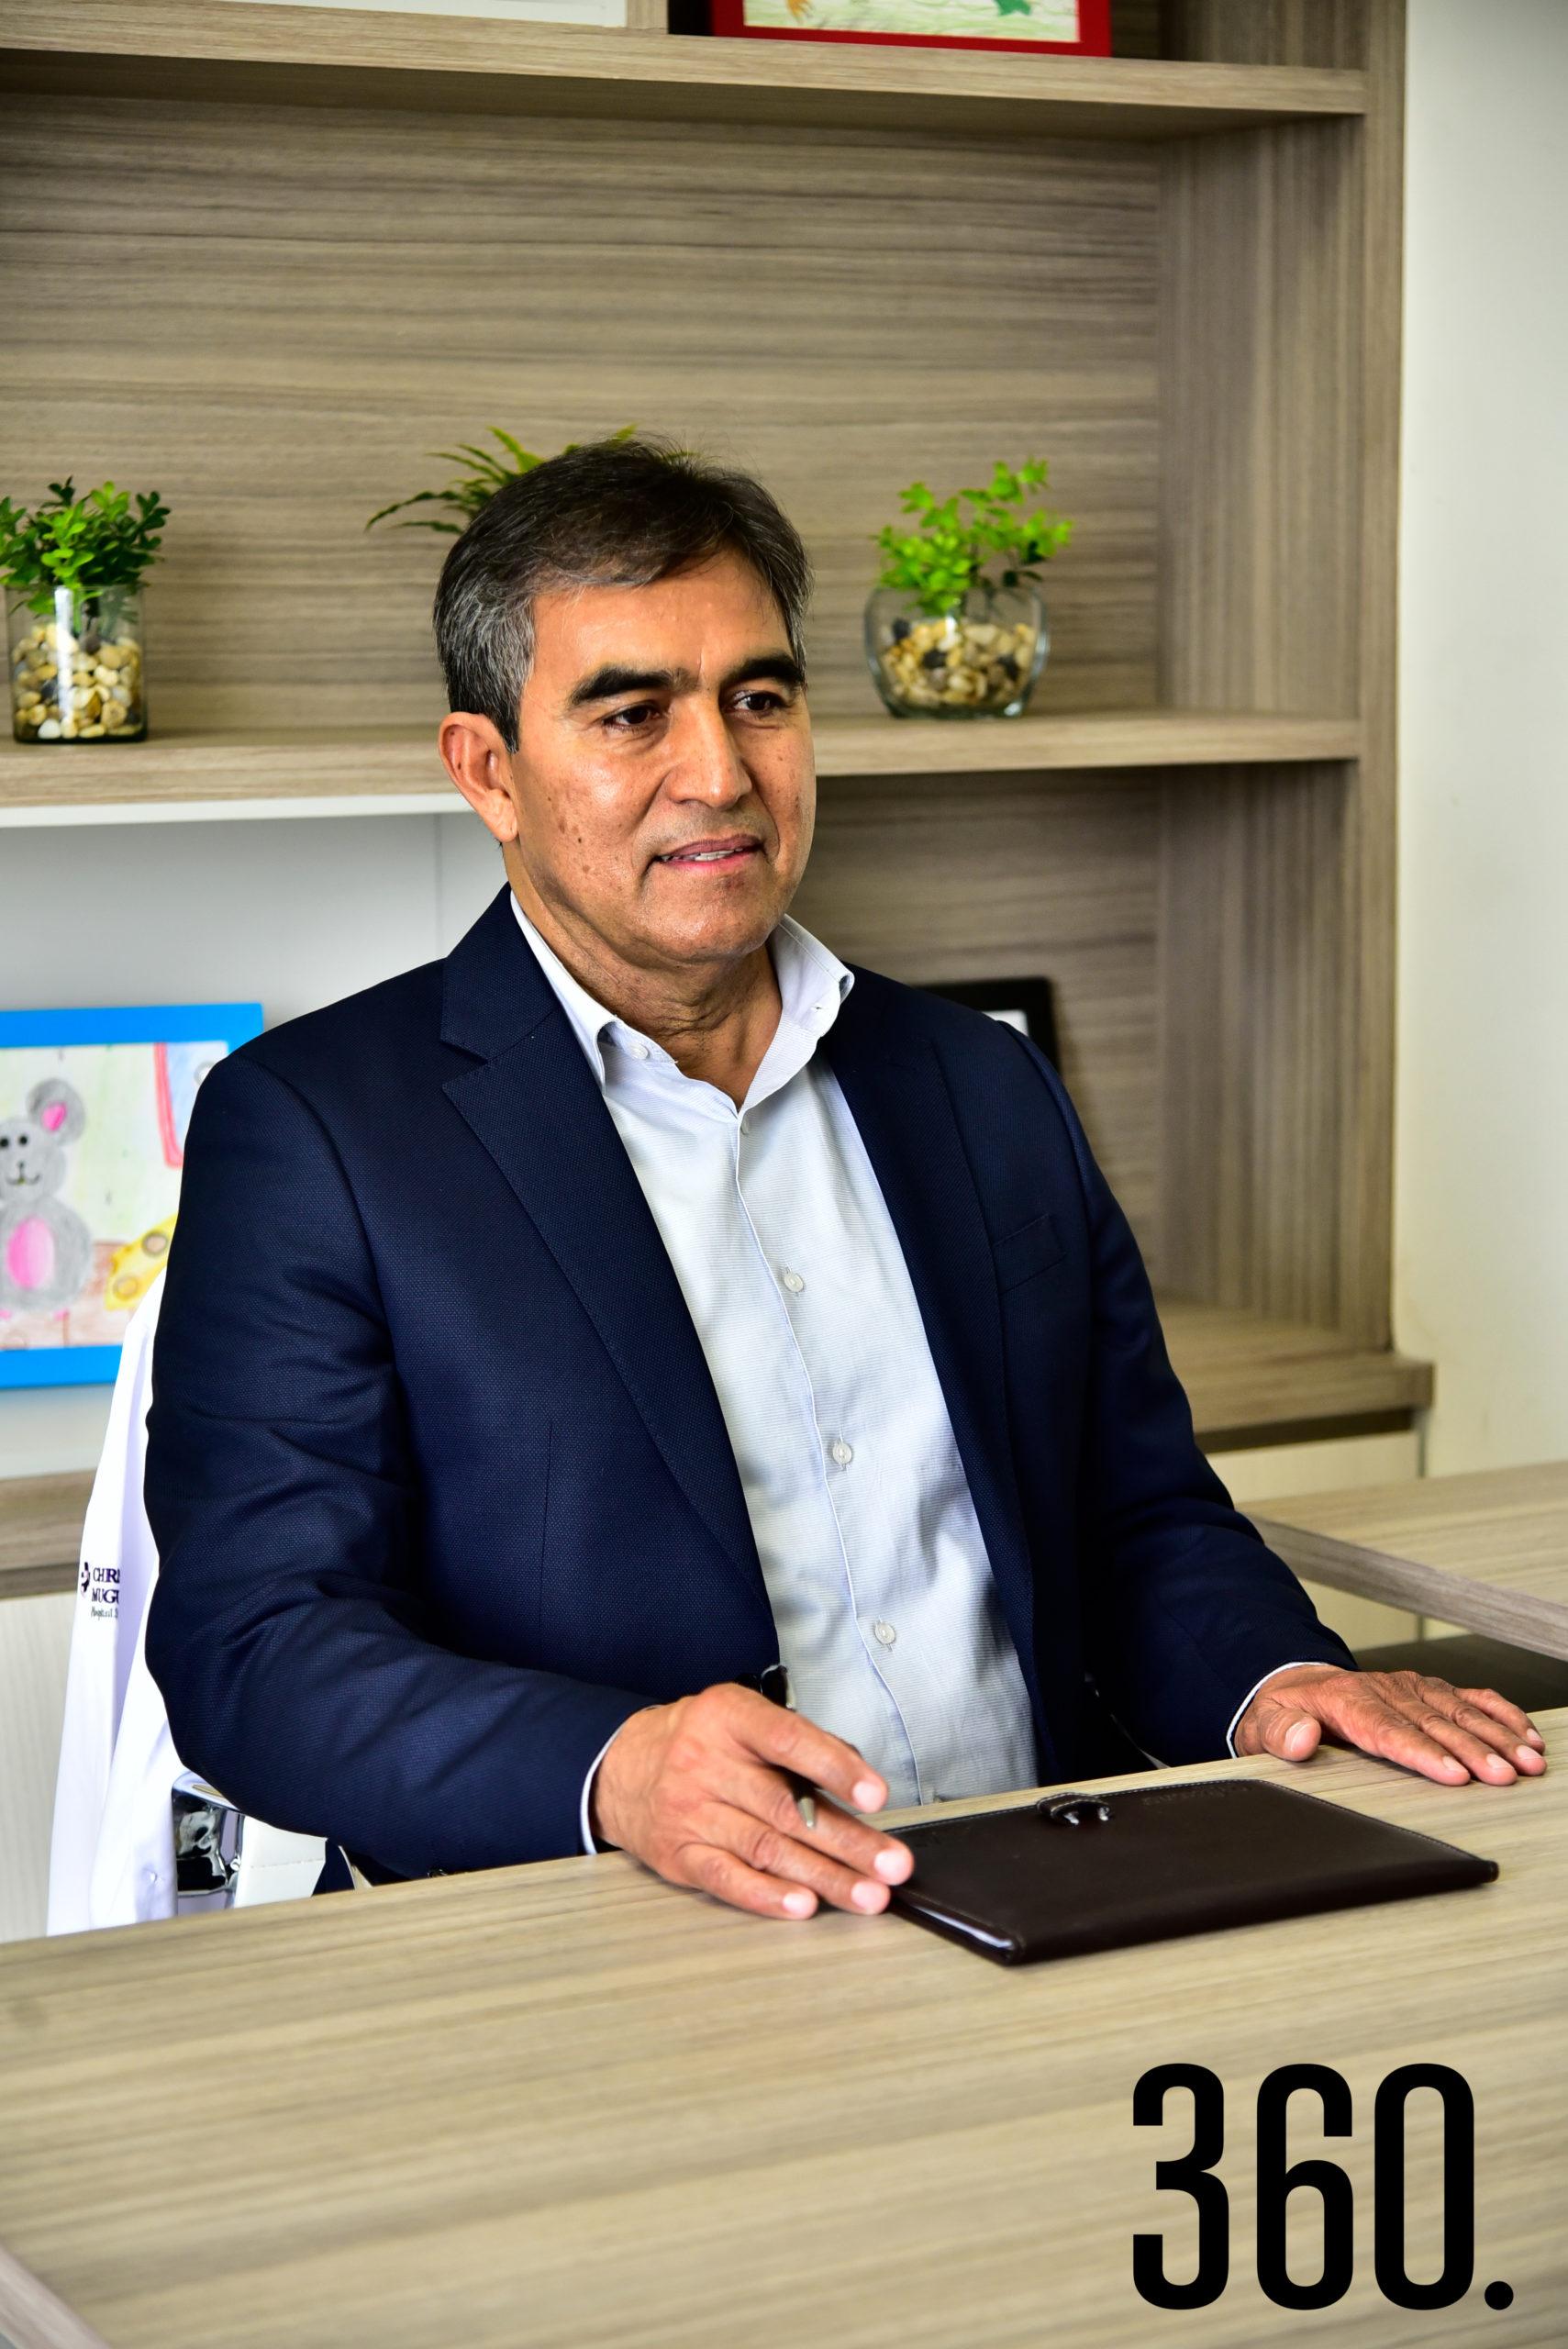 Dr. Mario Alberto Saldaña